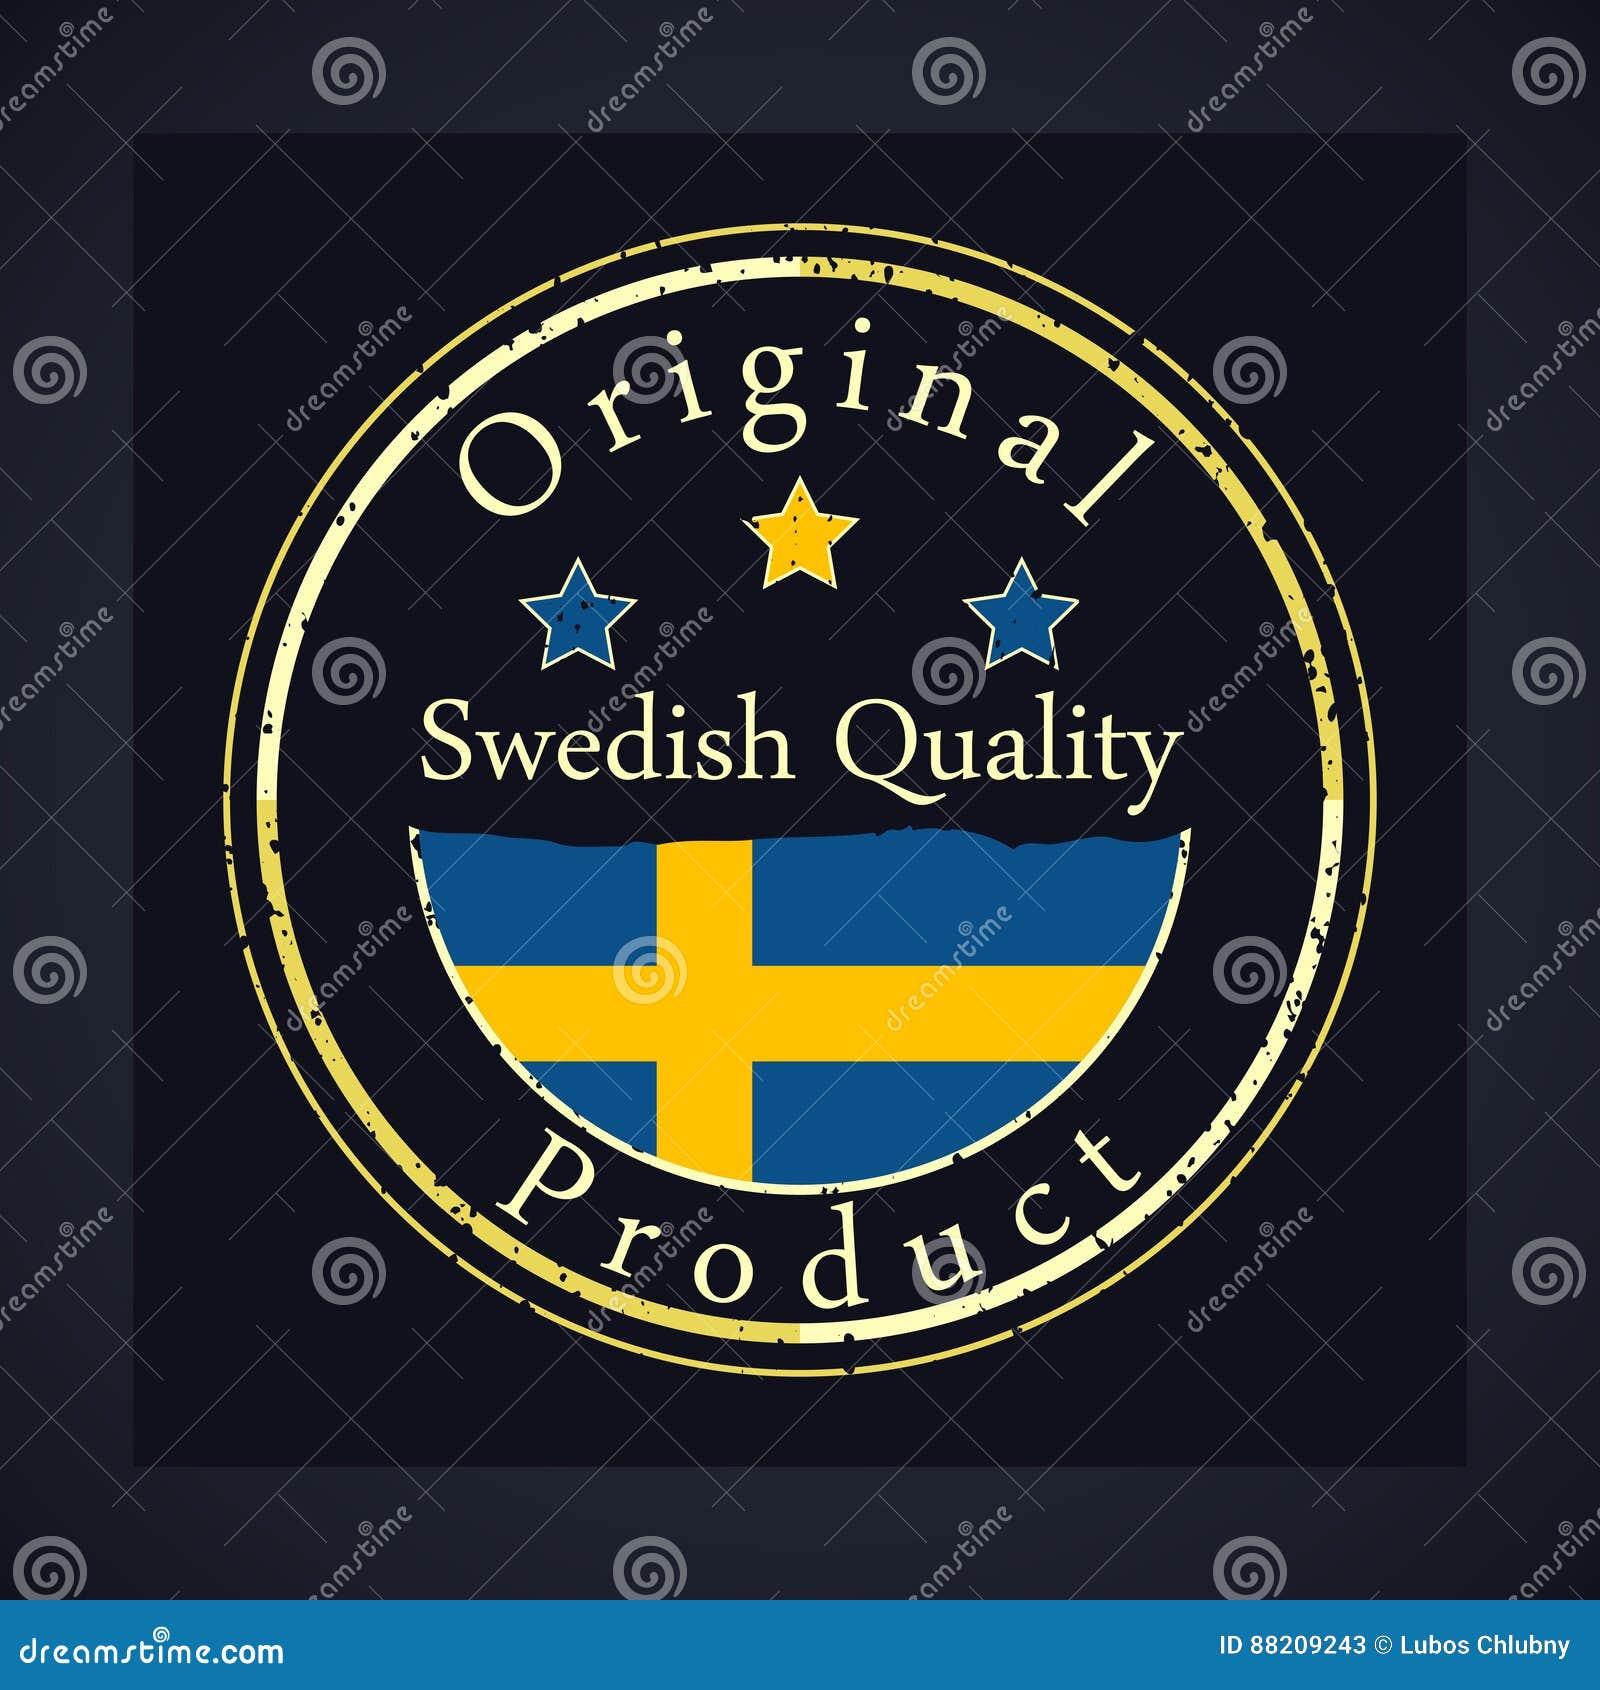 Timbre grunge d or avec la qualité et le produit initial suédois des textes Le label contient le drapeau suédois